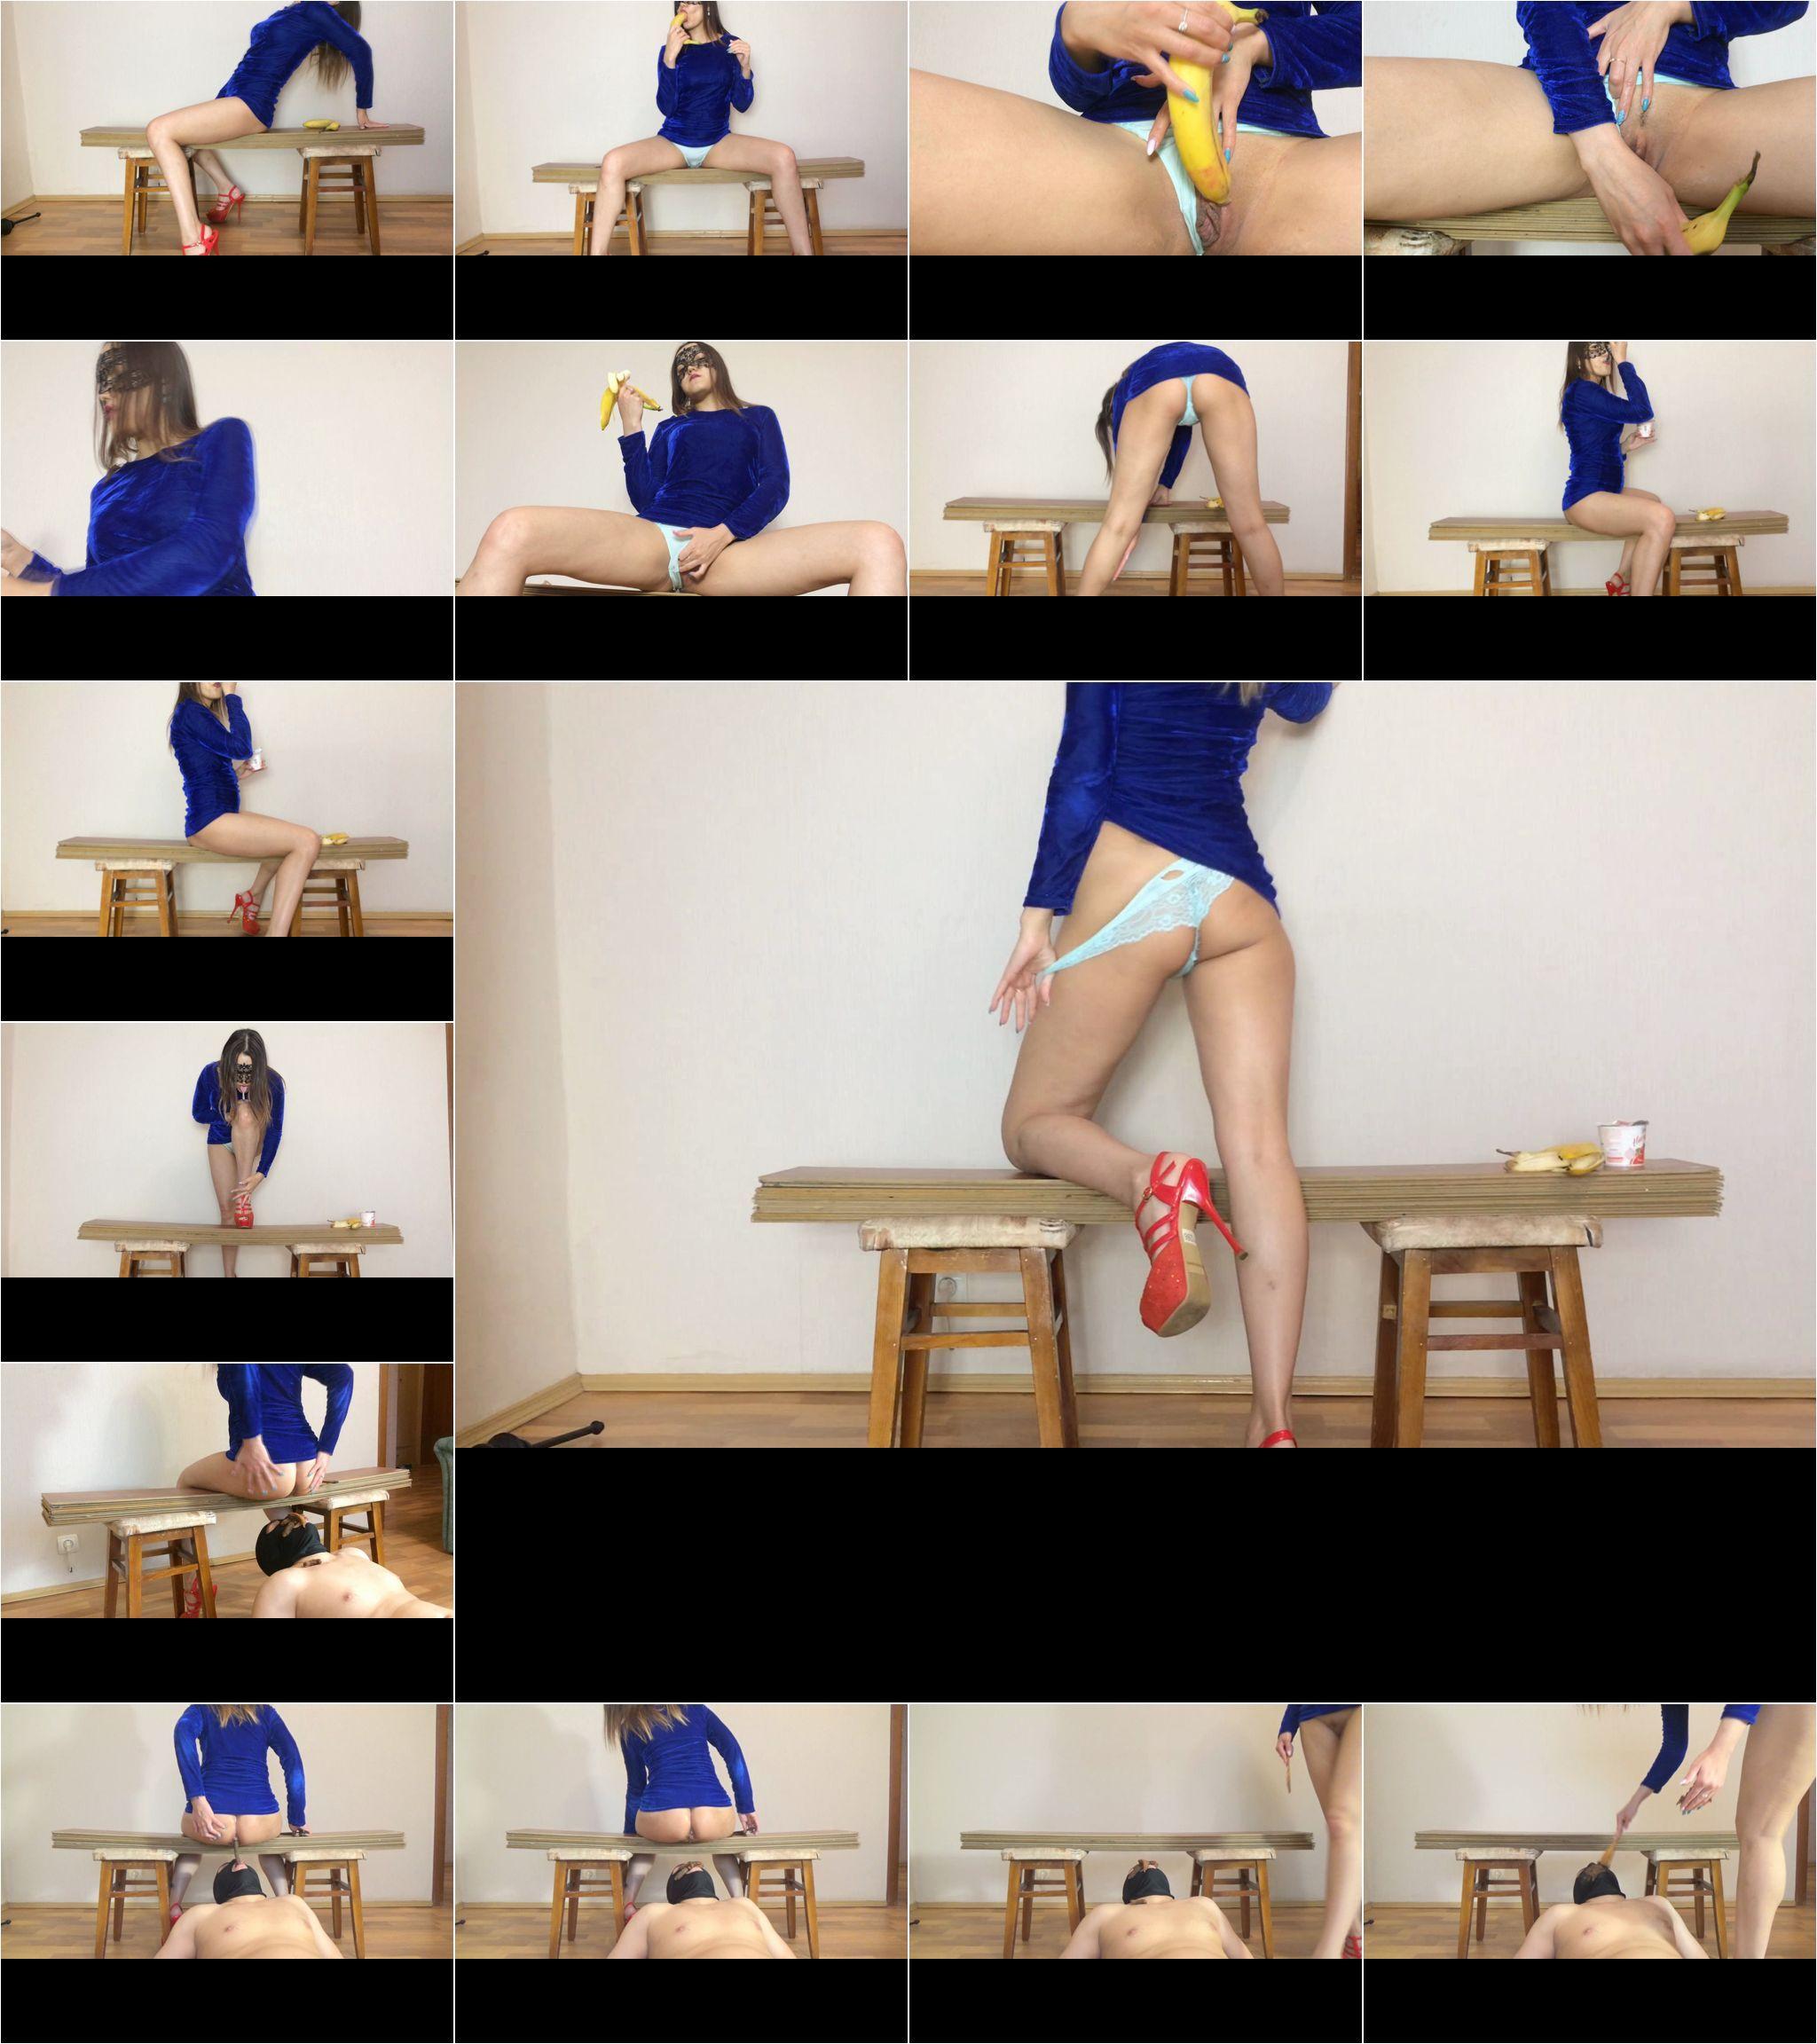 Alexandra Poo   Used Toilet Slave   HD.ScrinList - Alexandra Poo - Used Toilet Slave - HD